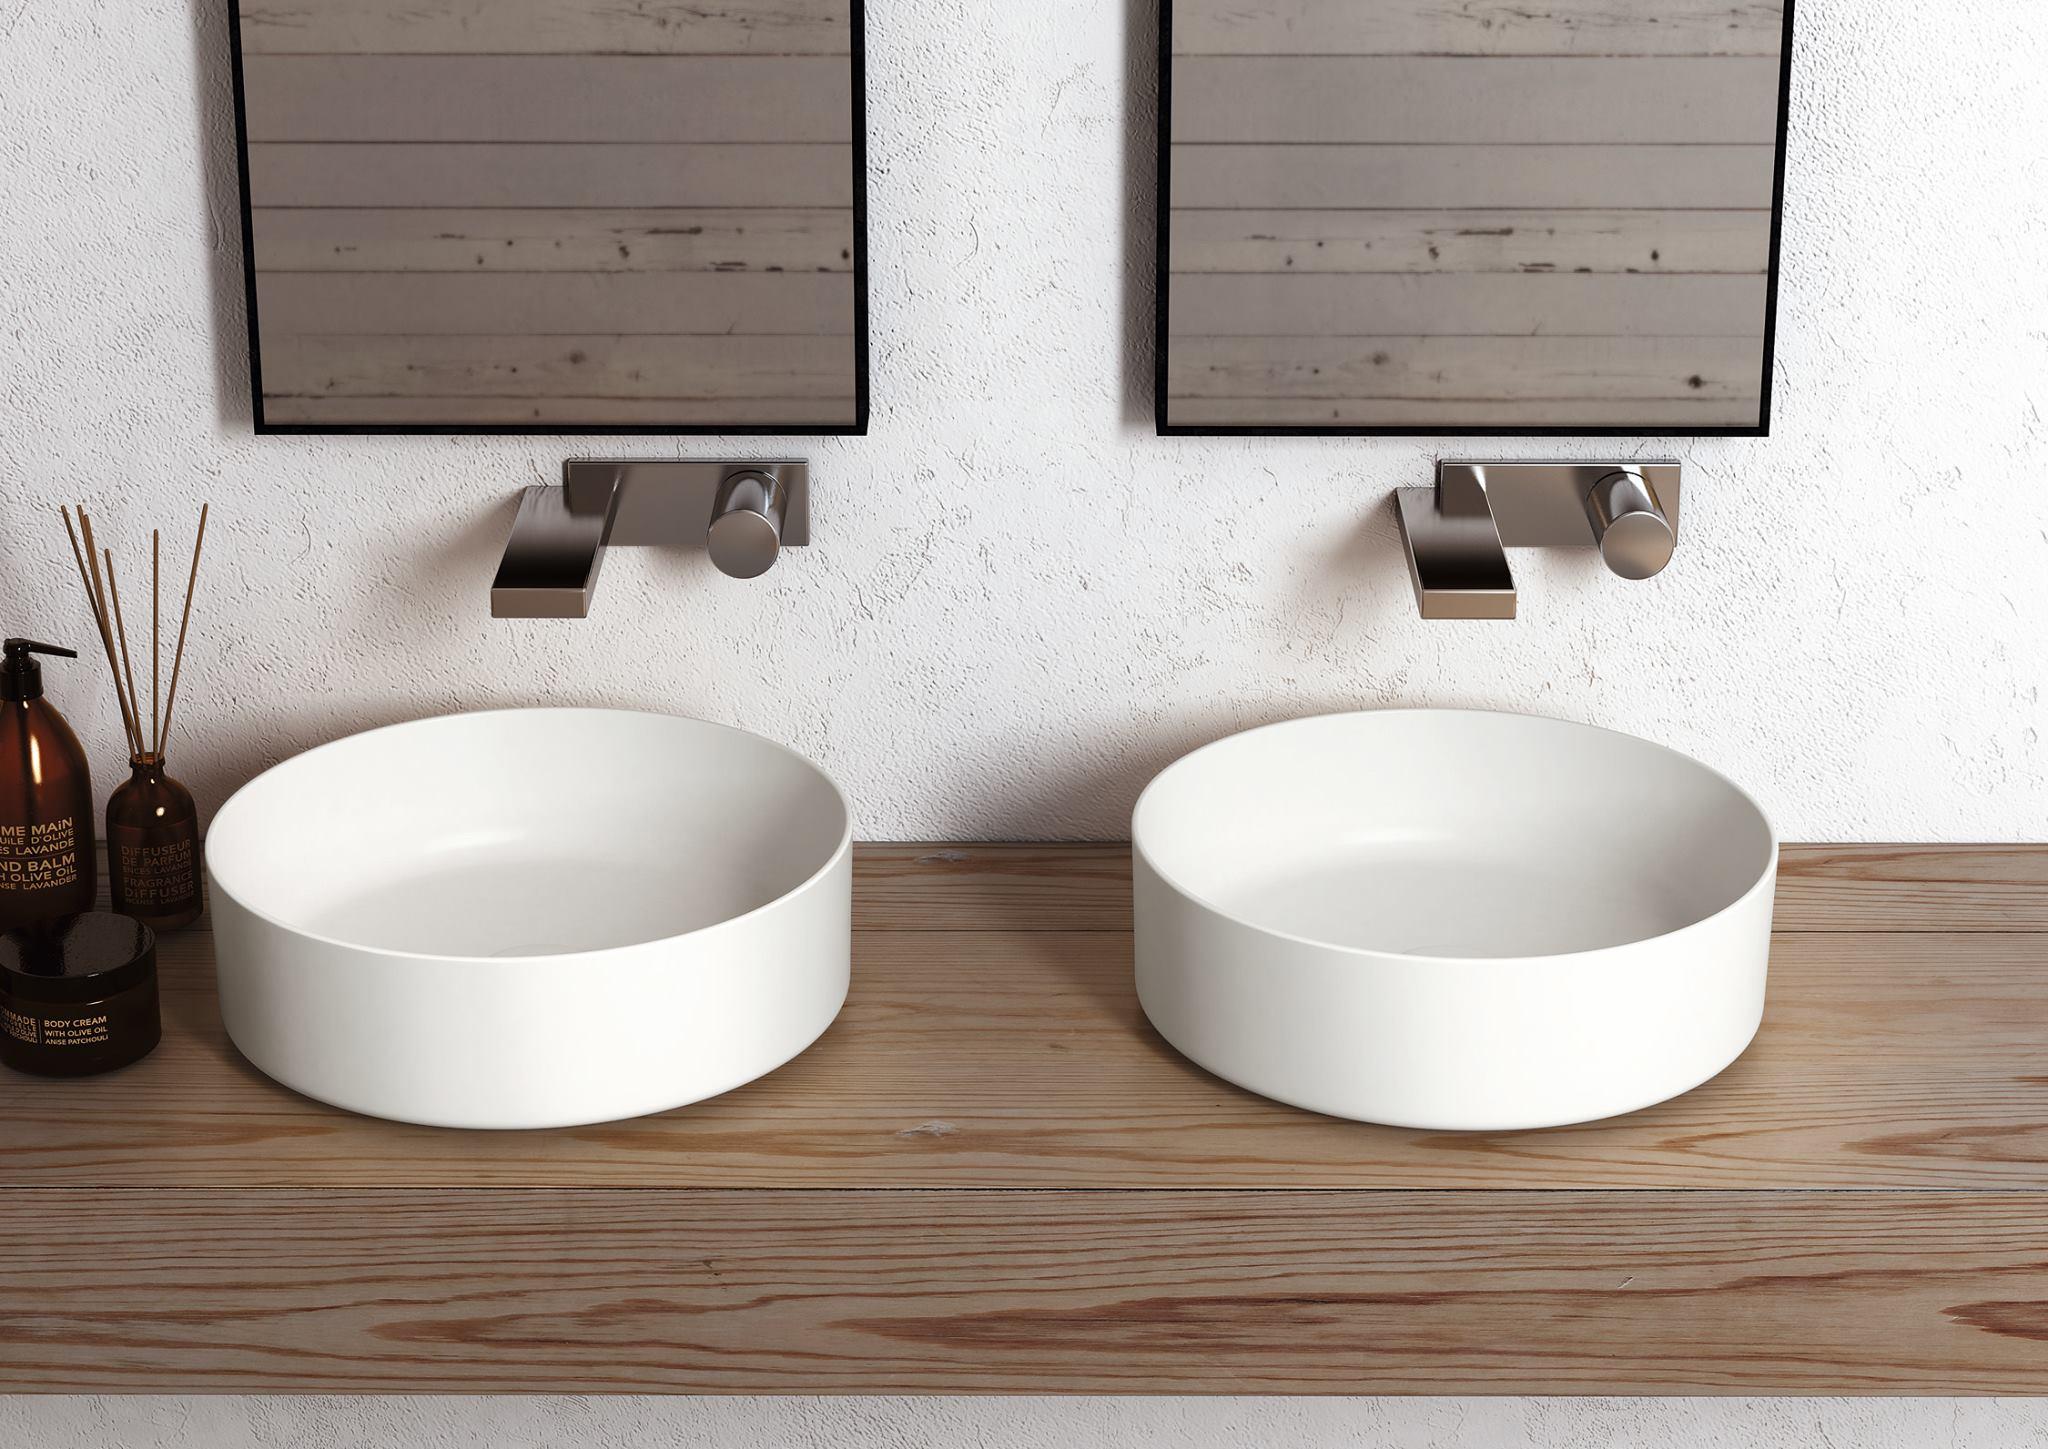 betrouwbaar waskom badkamer inspirerende ideeà n ontwerp met